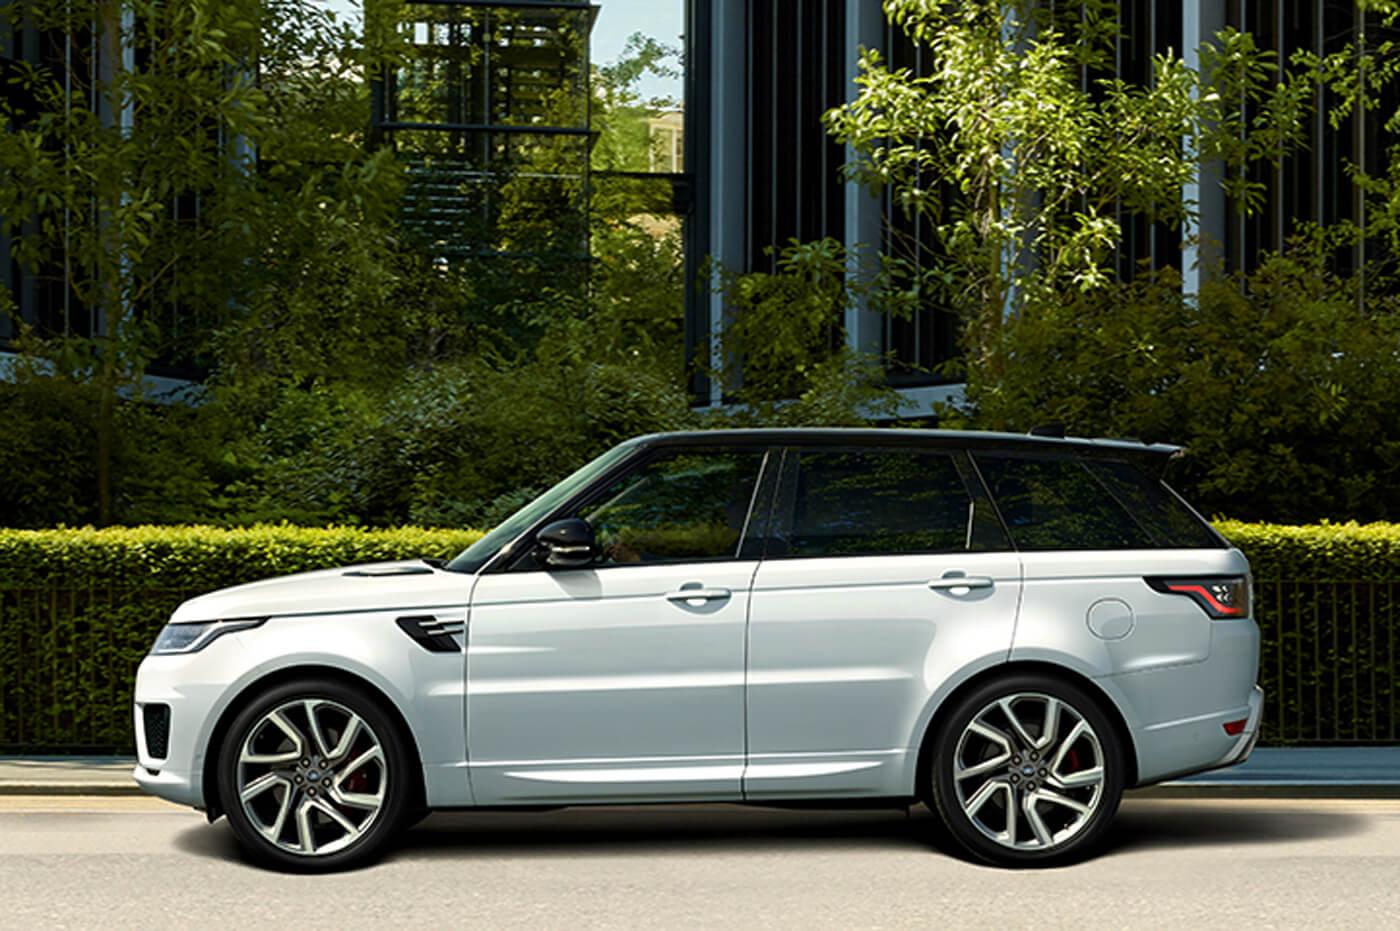 Range Rover Sport for Rent